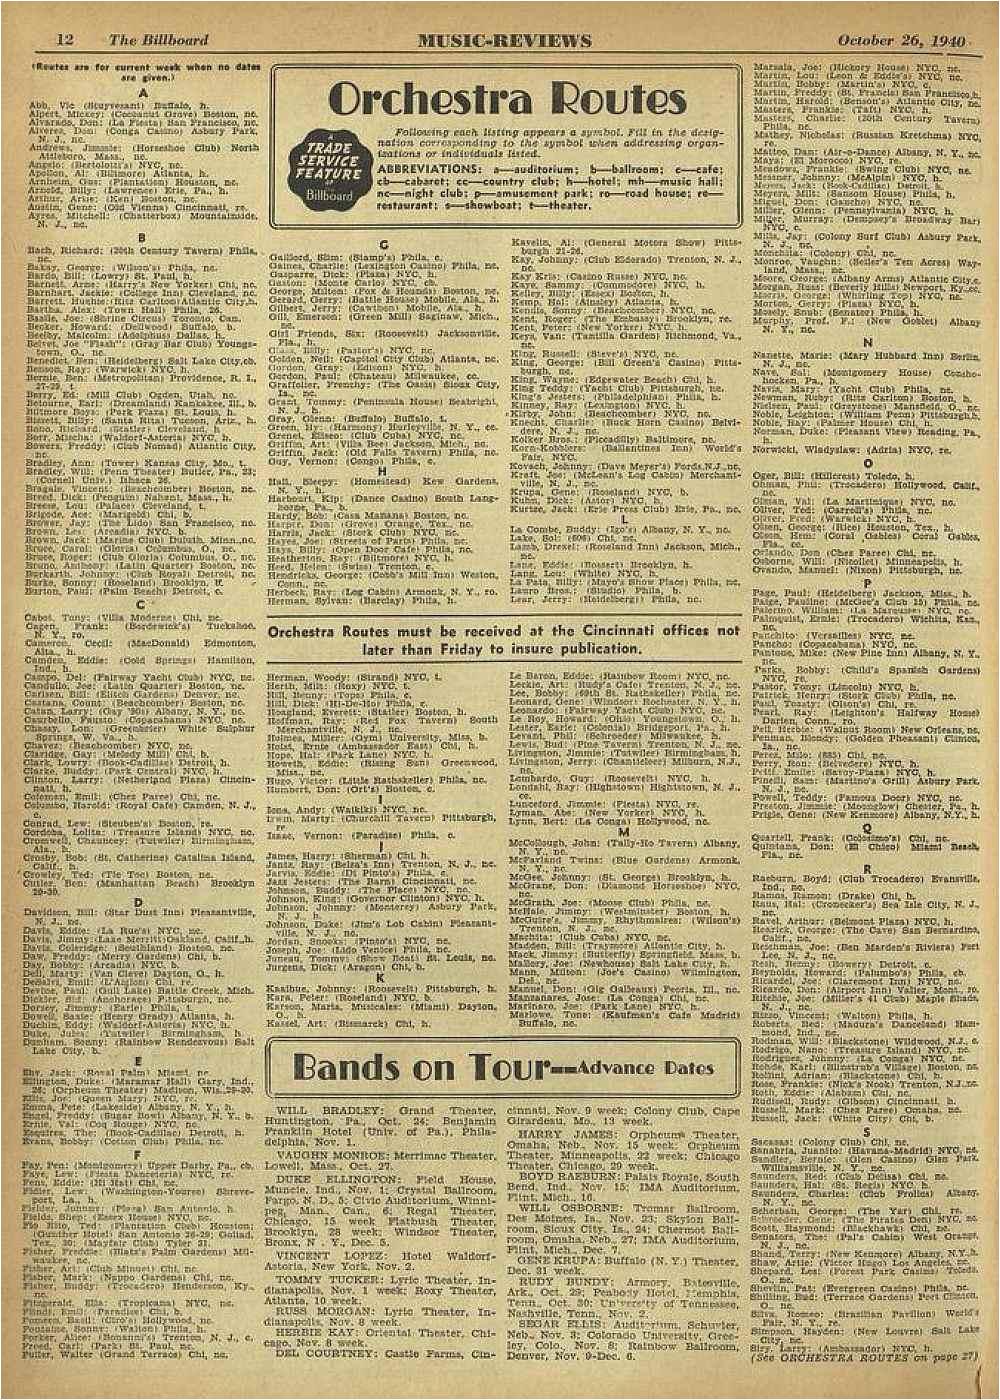 i caett 12 the lilltboard music reviews october 26 1940